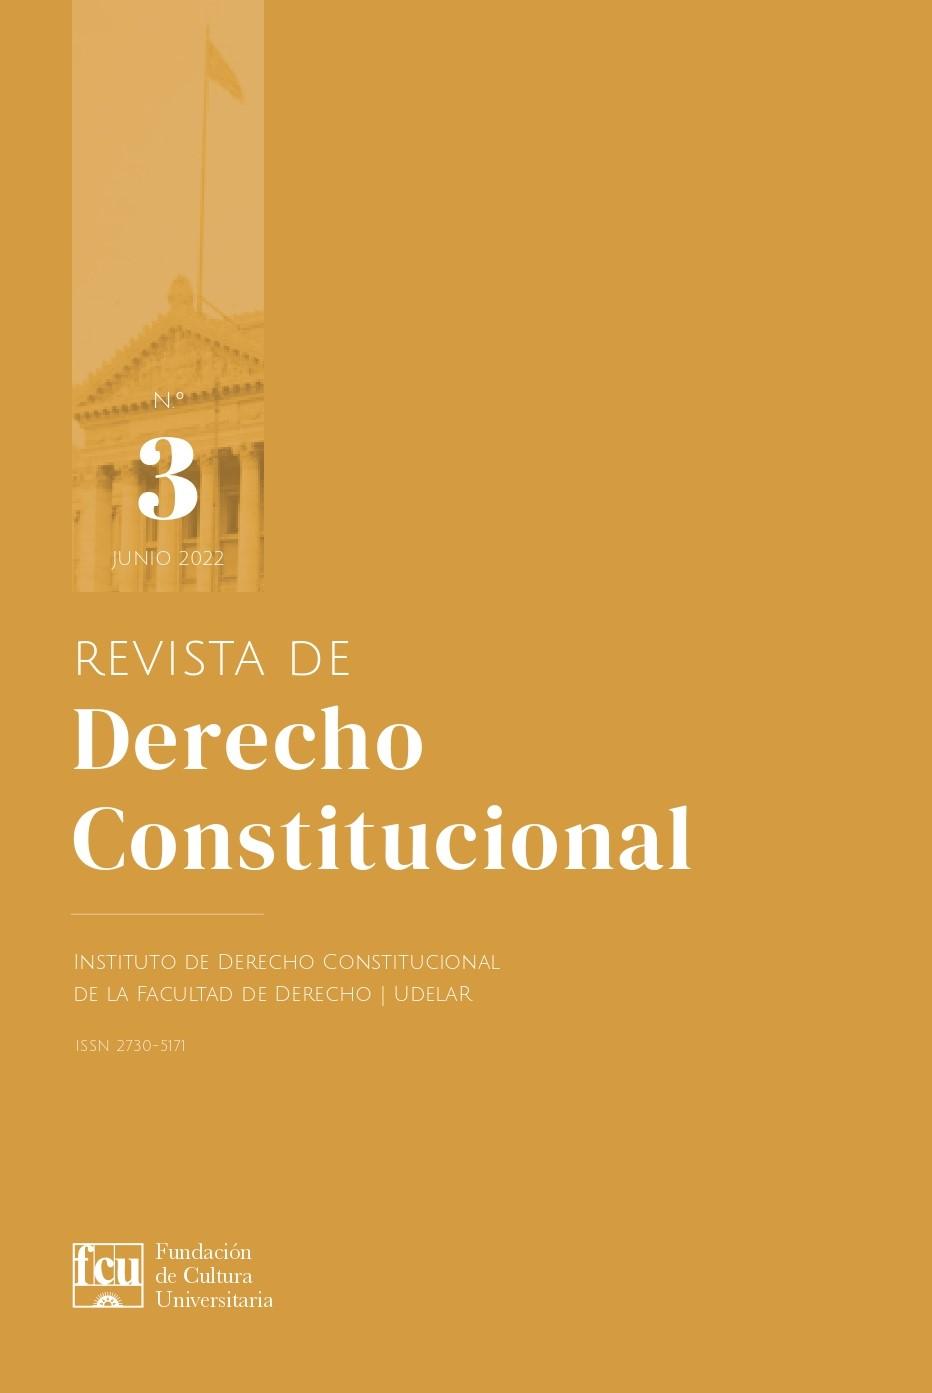 Tapa de la Revista de Derecho Constitucional